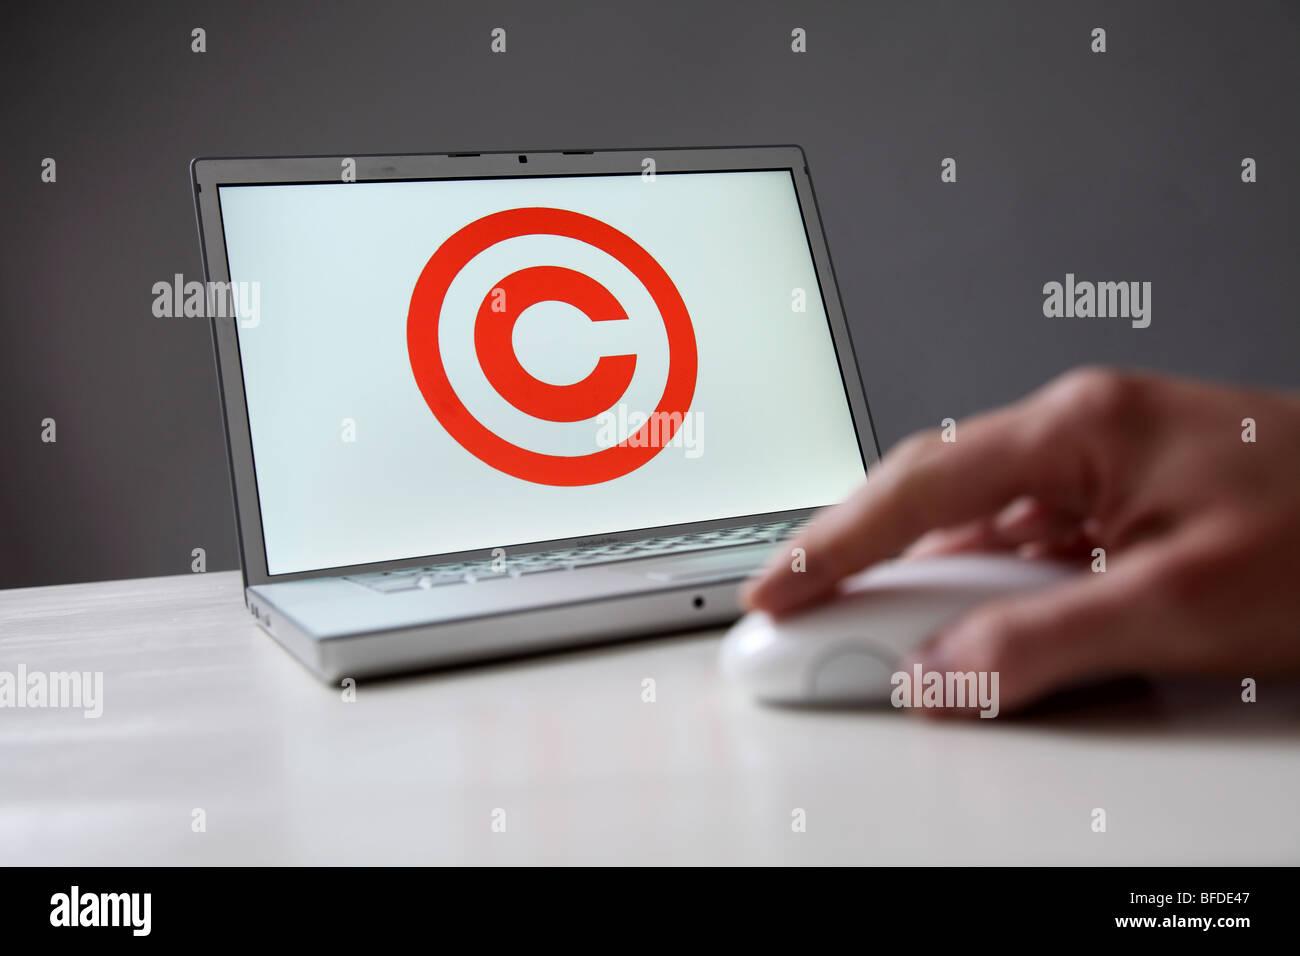 Signo de copyright en la pantalla de ordenador. Símbolo: protección de la coparight en Internet y de datos digitales Foto de stock